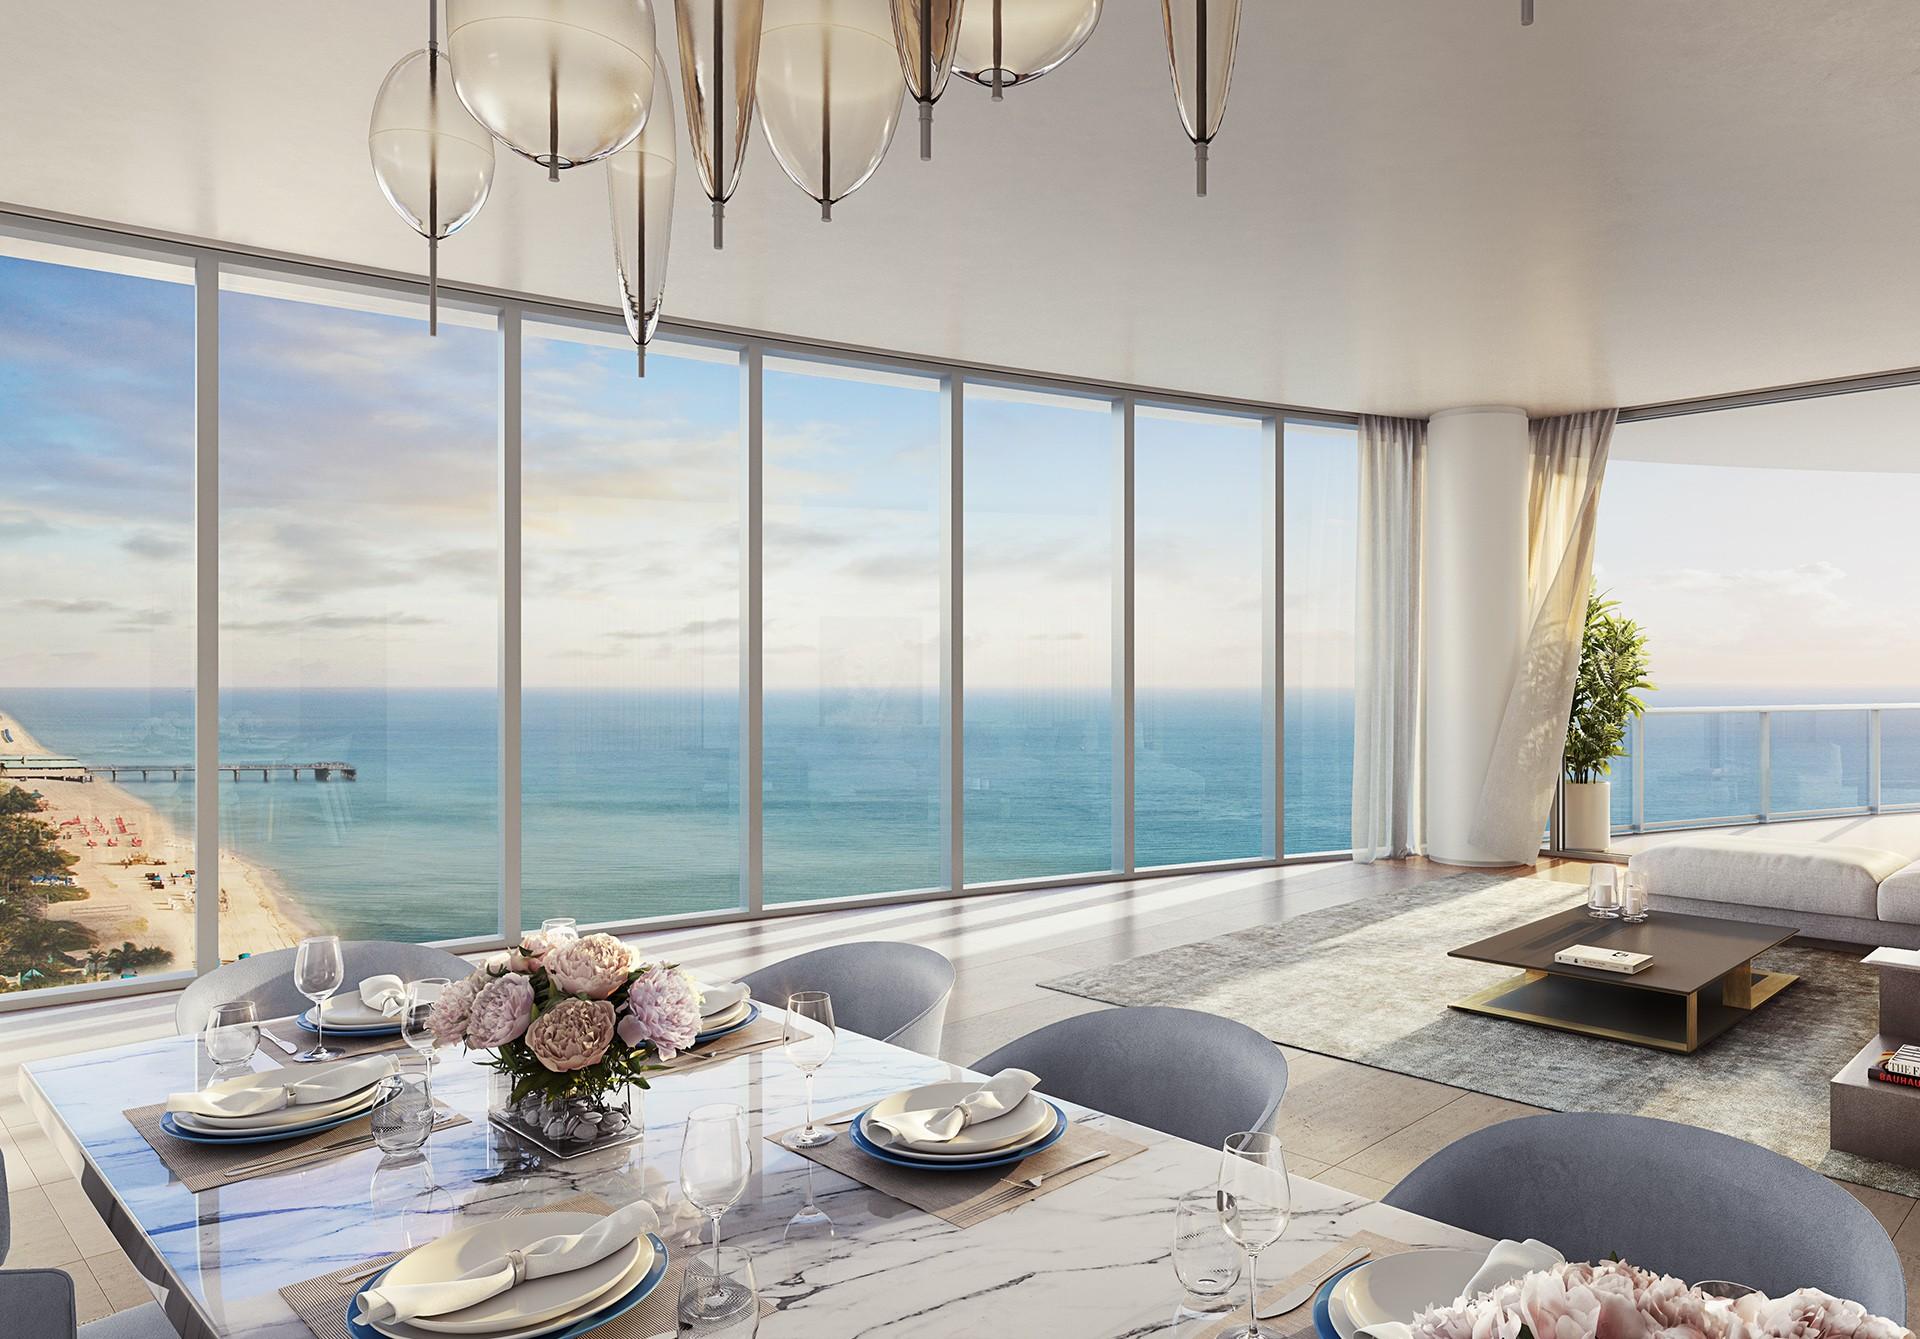 Ritz Carlton, Sunny Isles Beach Condos 3+ For Sale | Ritz Carlton ...